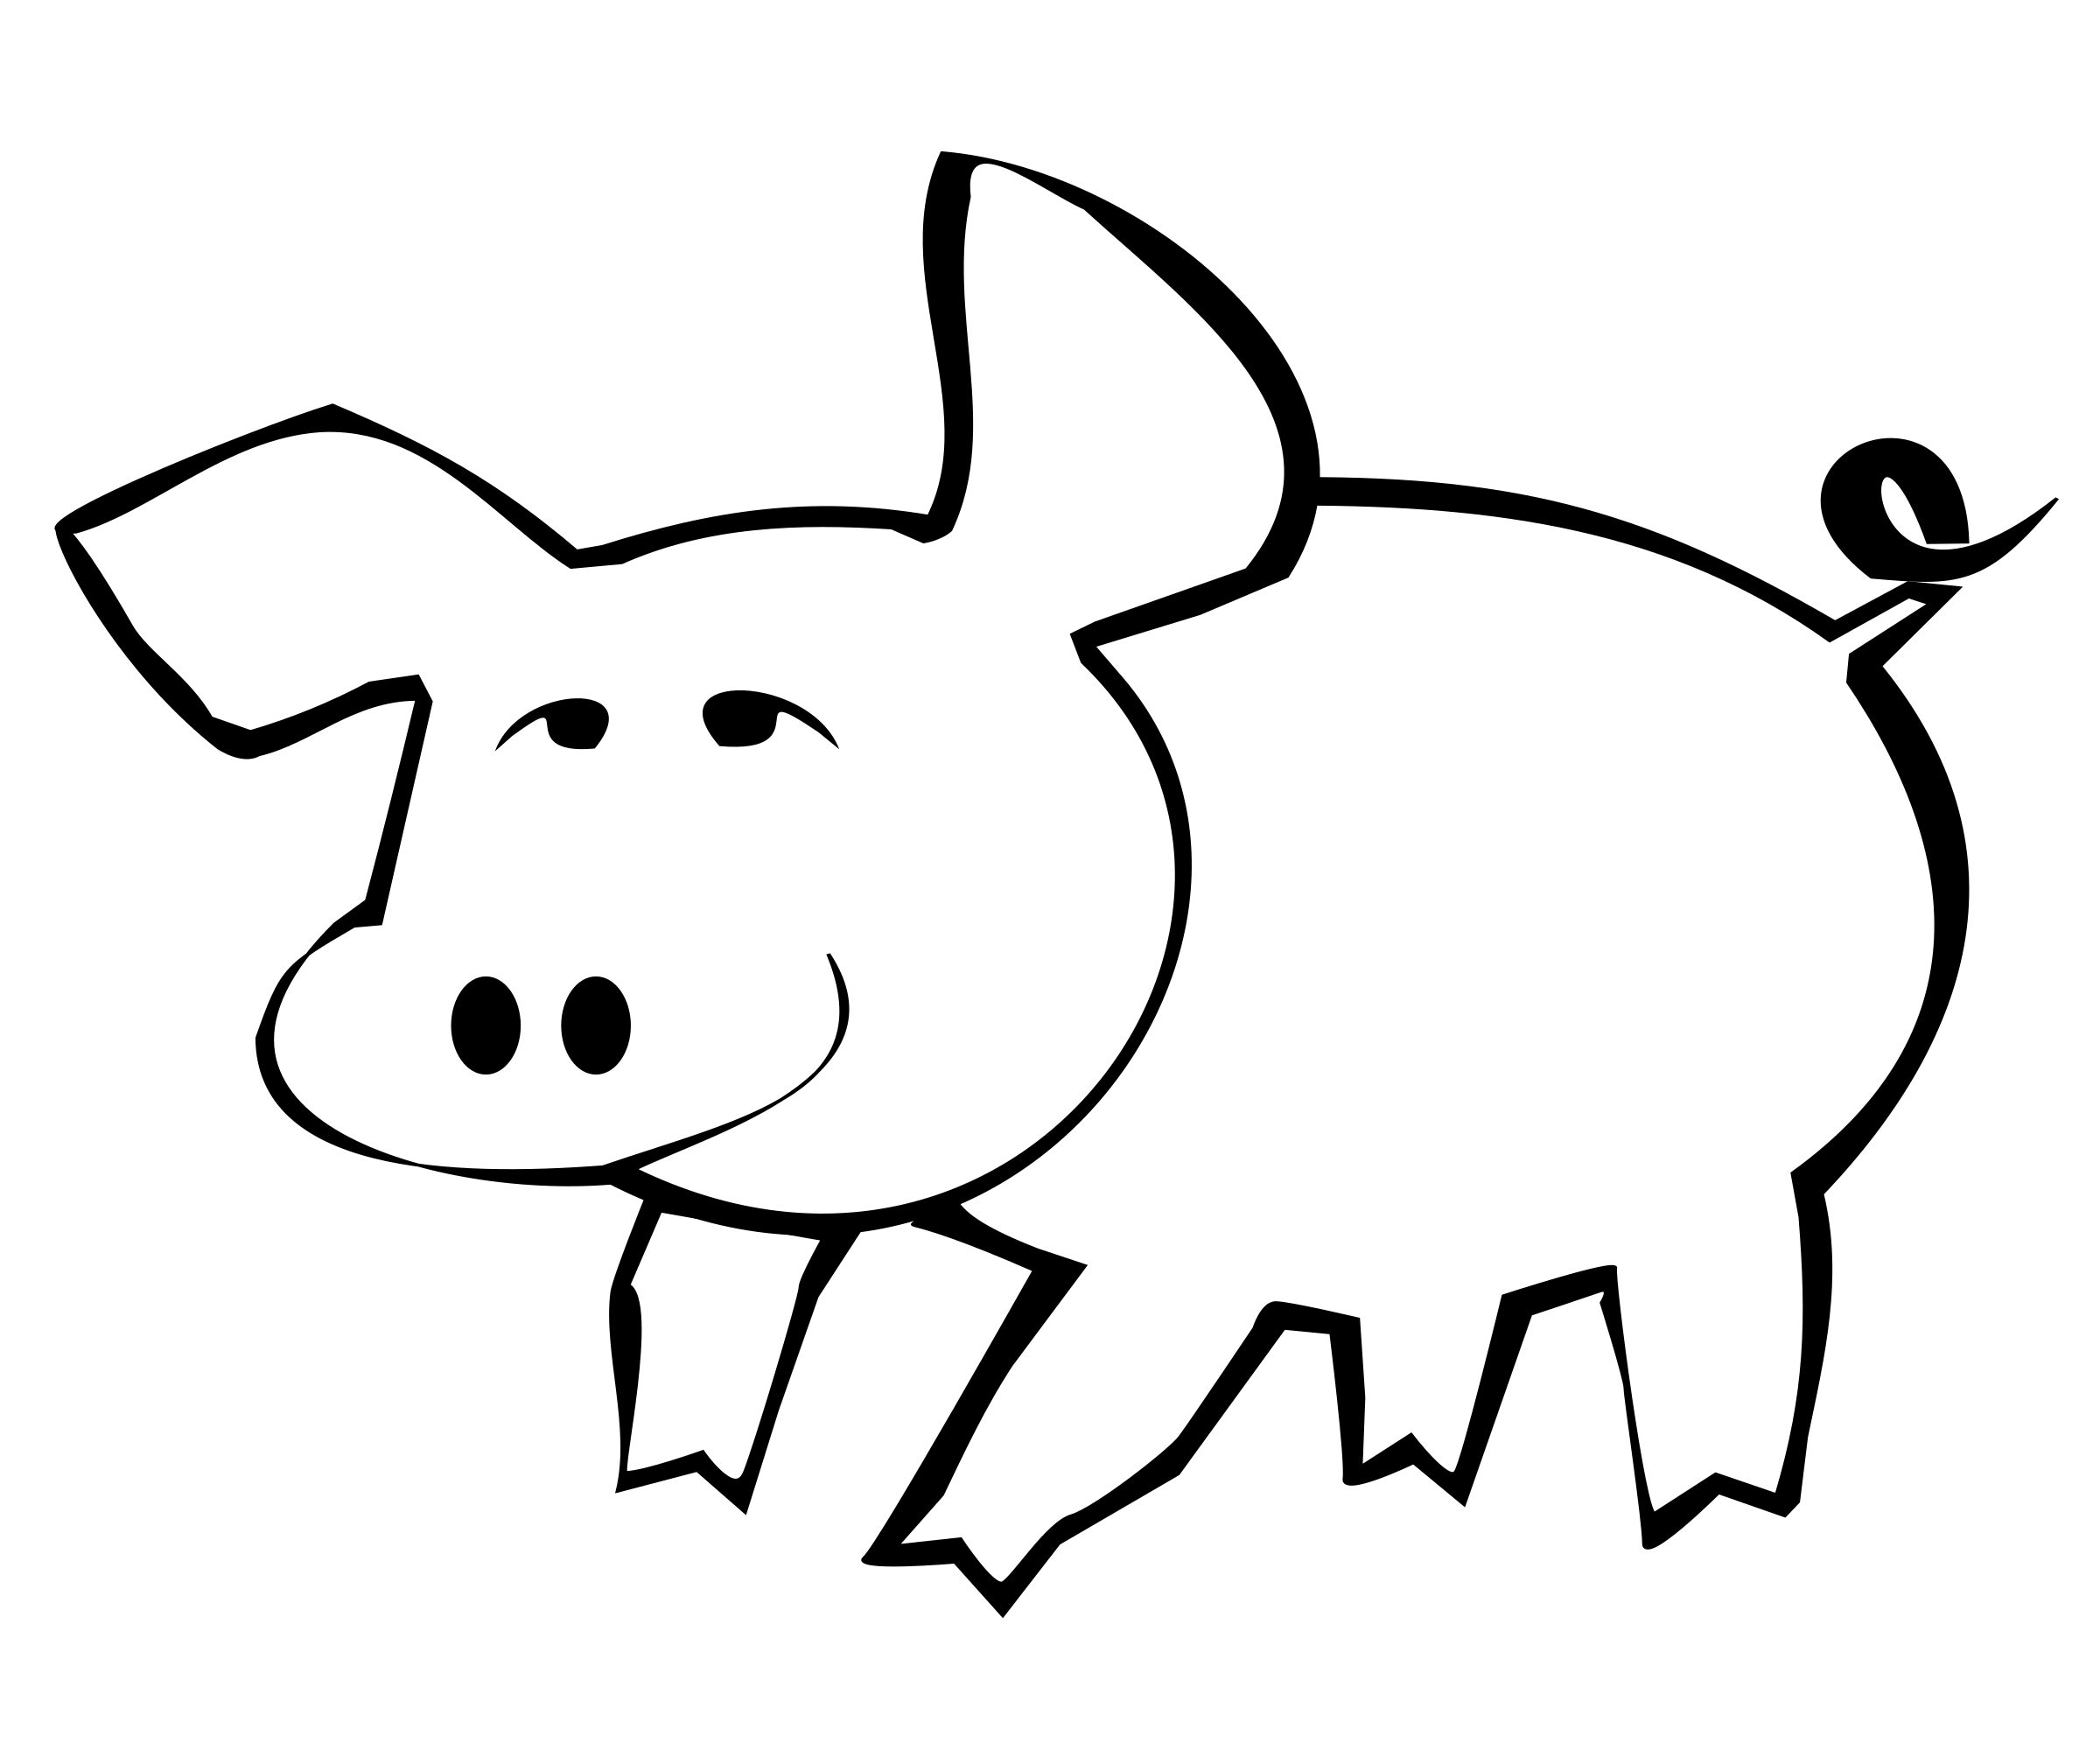 Pig Outline Pig Outline By Yamachem